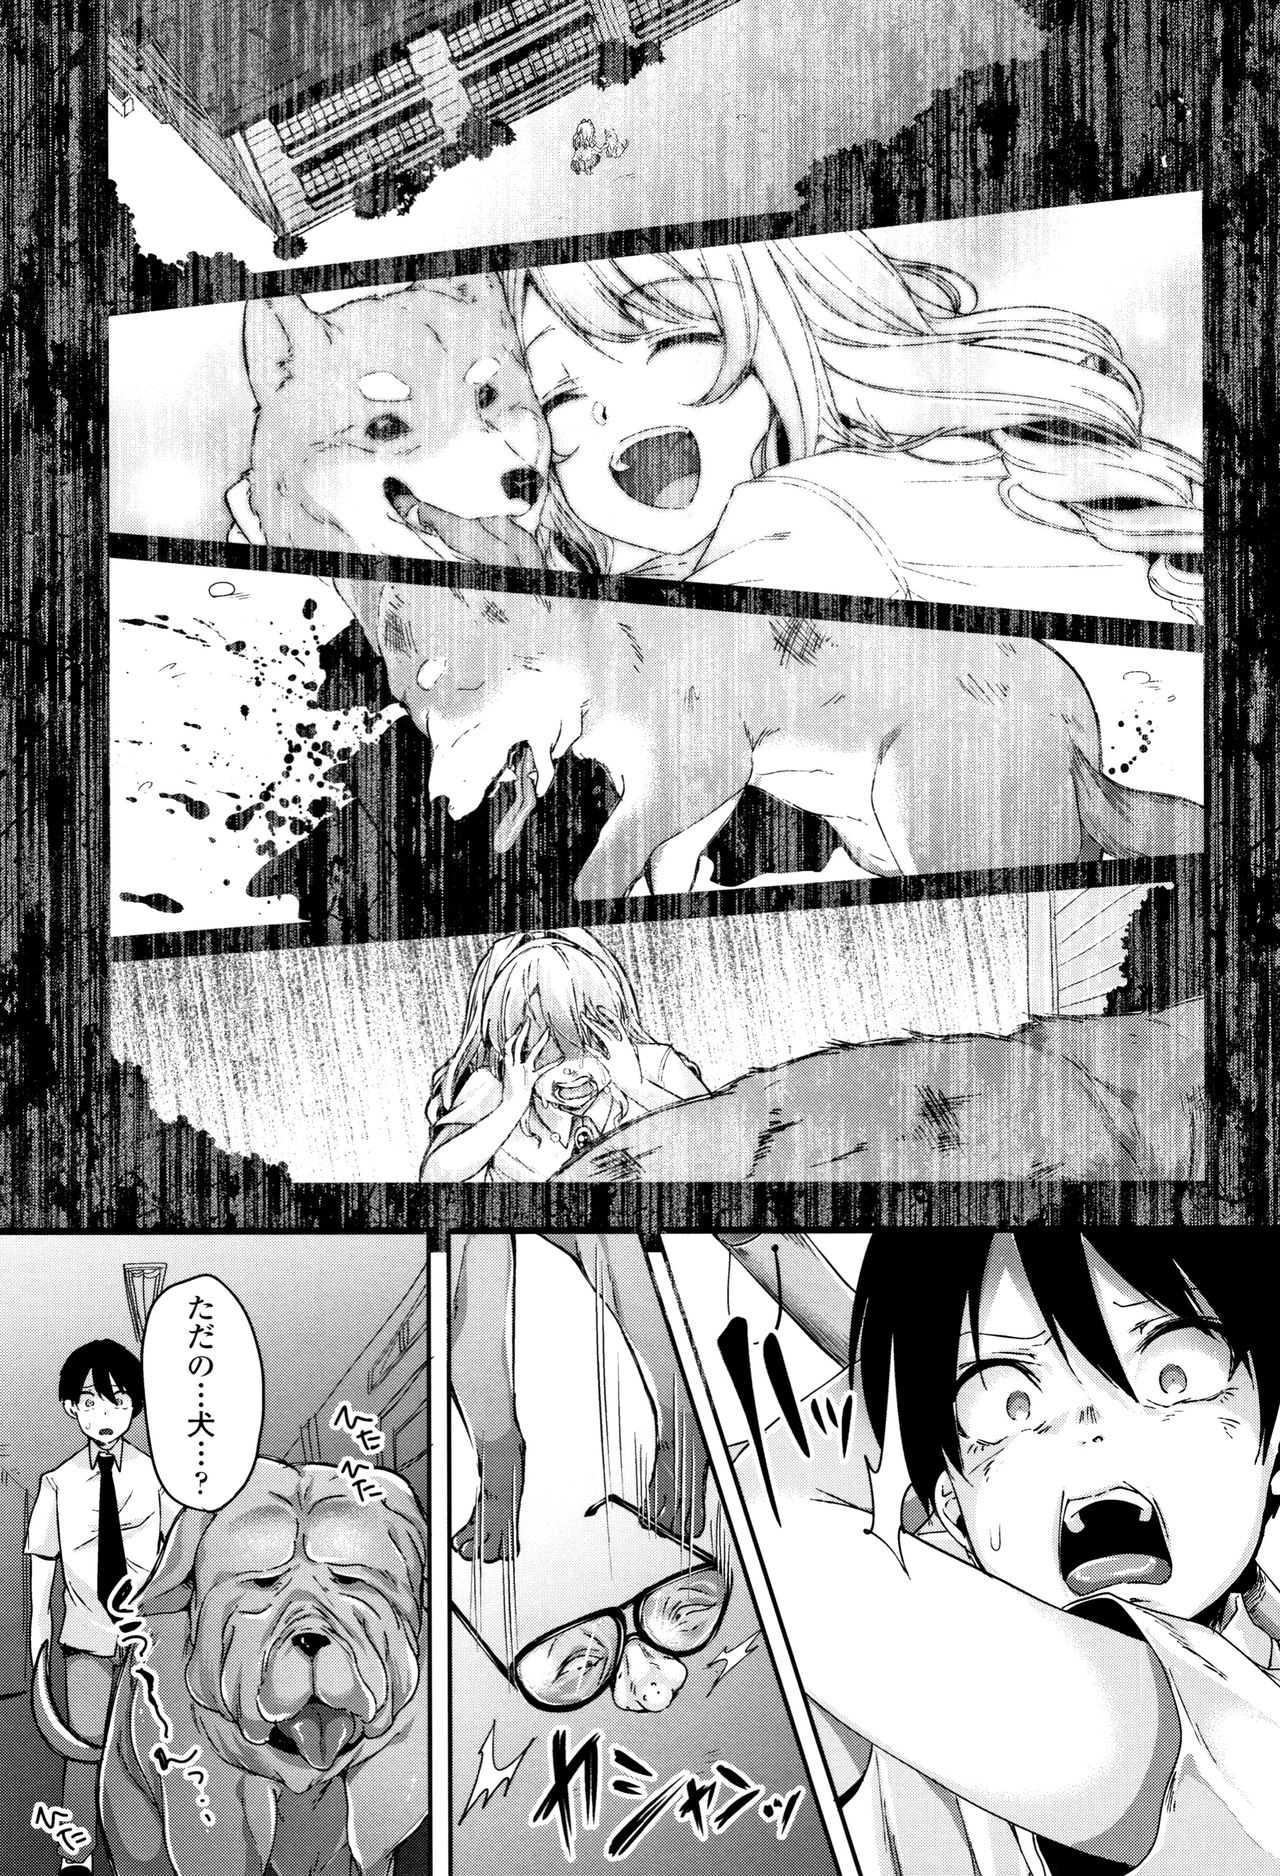 【エロ漫画】夜の学校で気持ち悪い人面犬に襲われたJK…子宮がめくれそうな程の激しいピストンに悶絶www【仙道八:もう、犬なんて…】